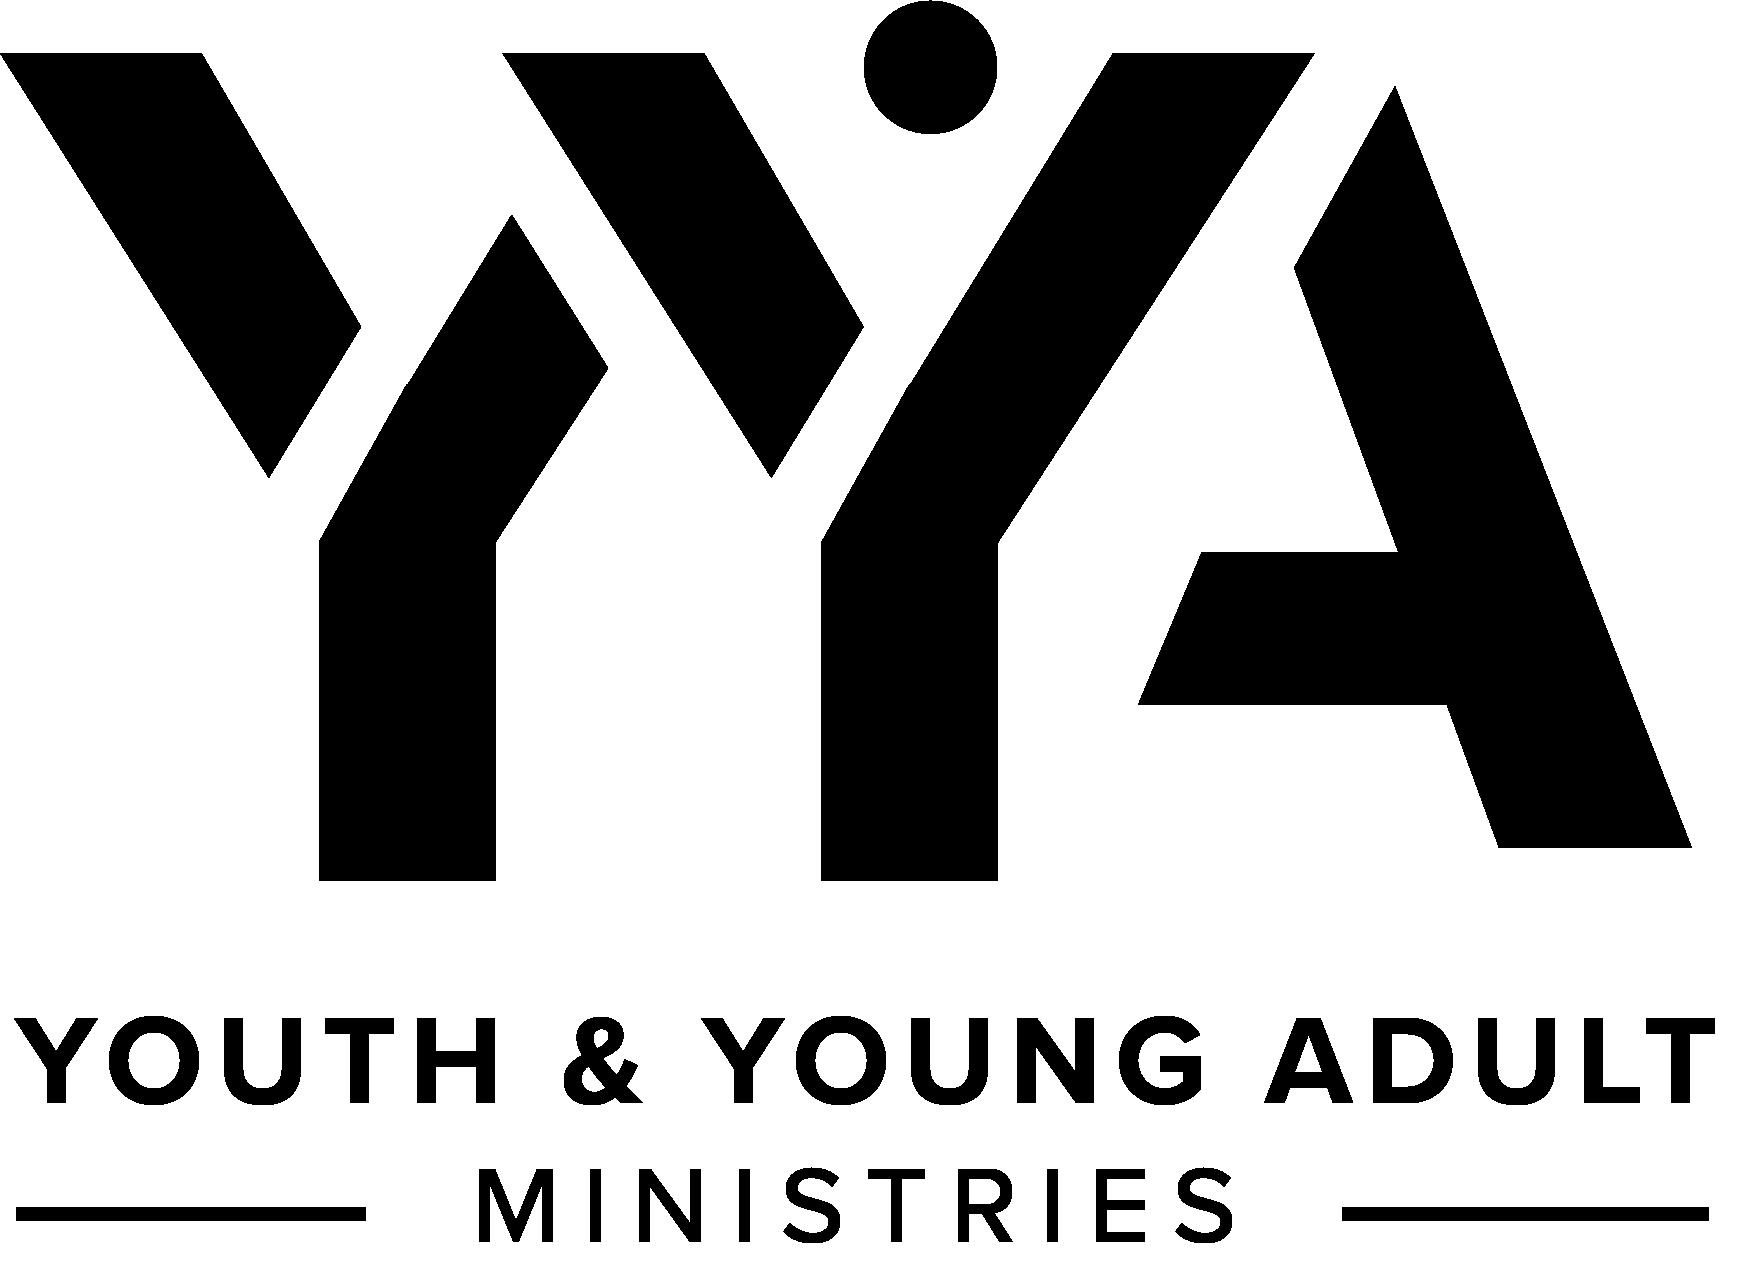 YouthYoungAdult-LogoBlack